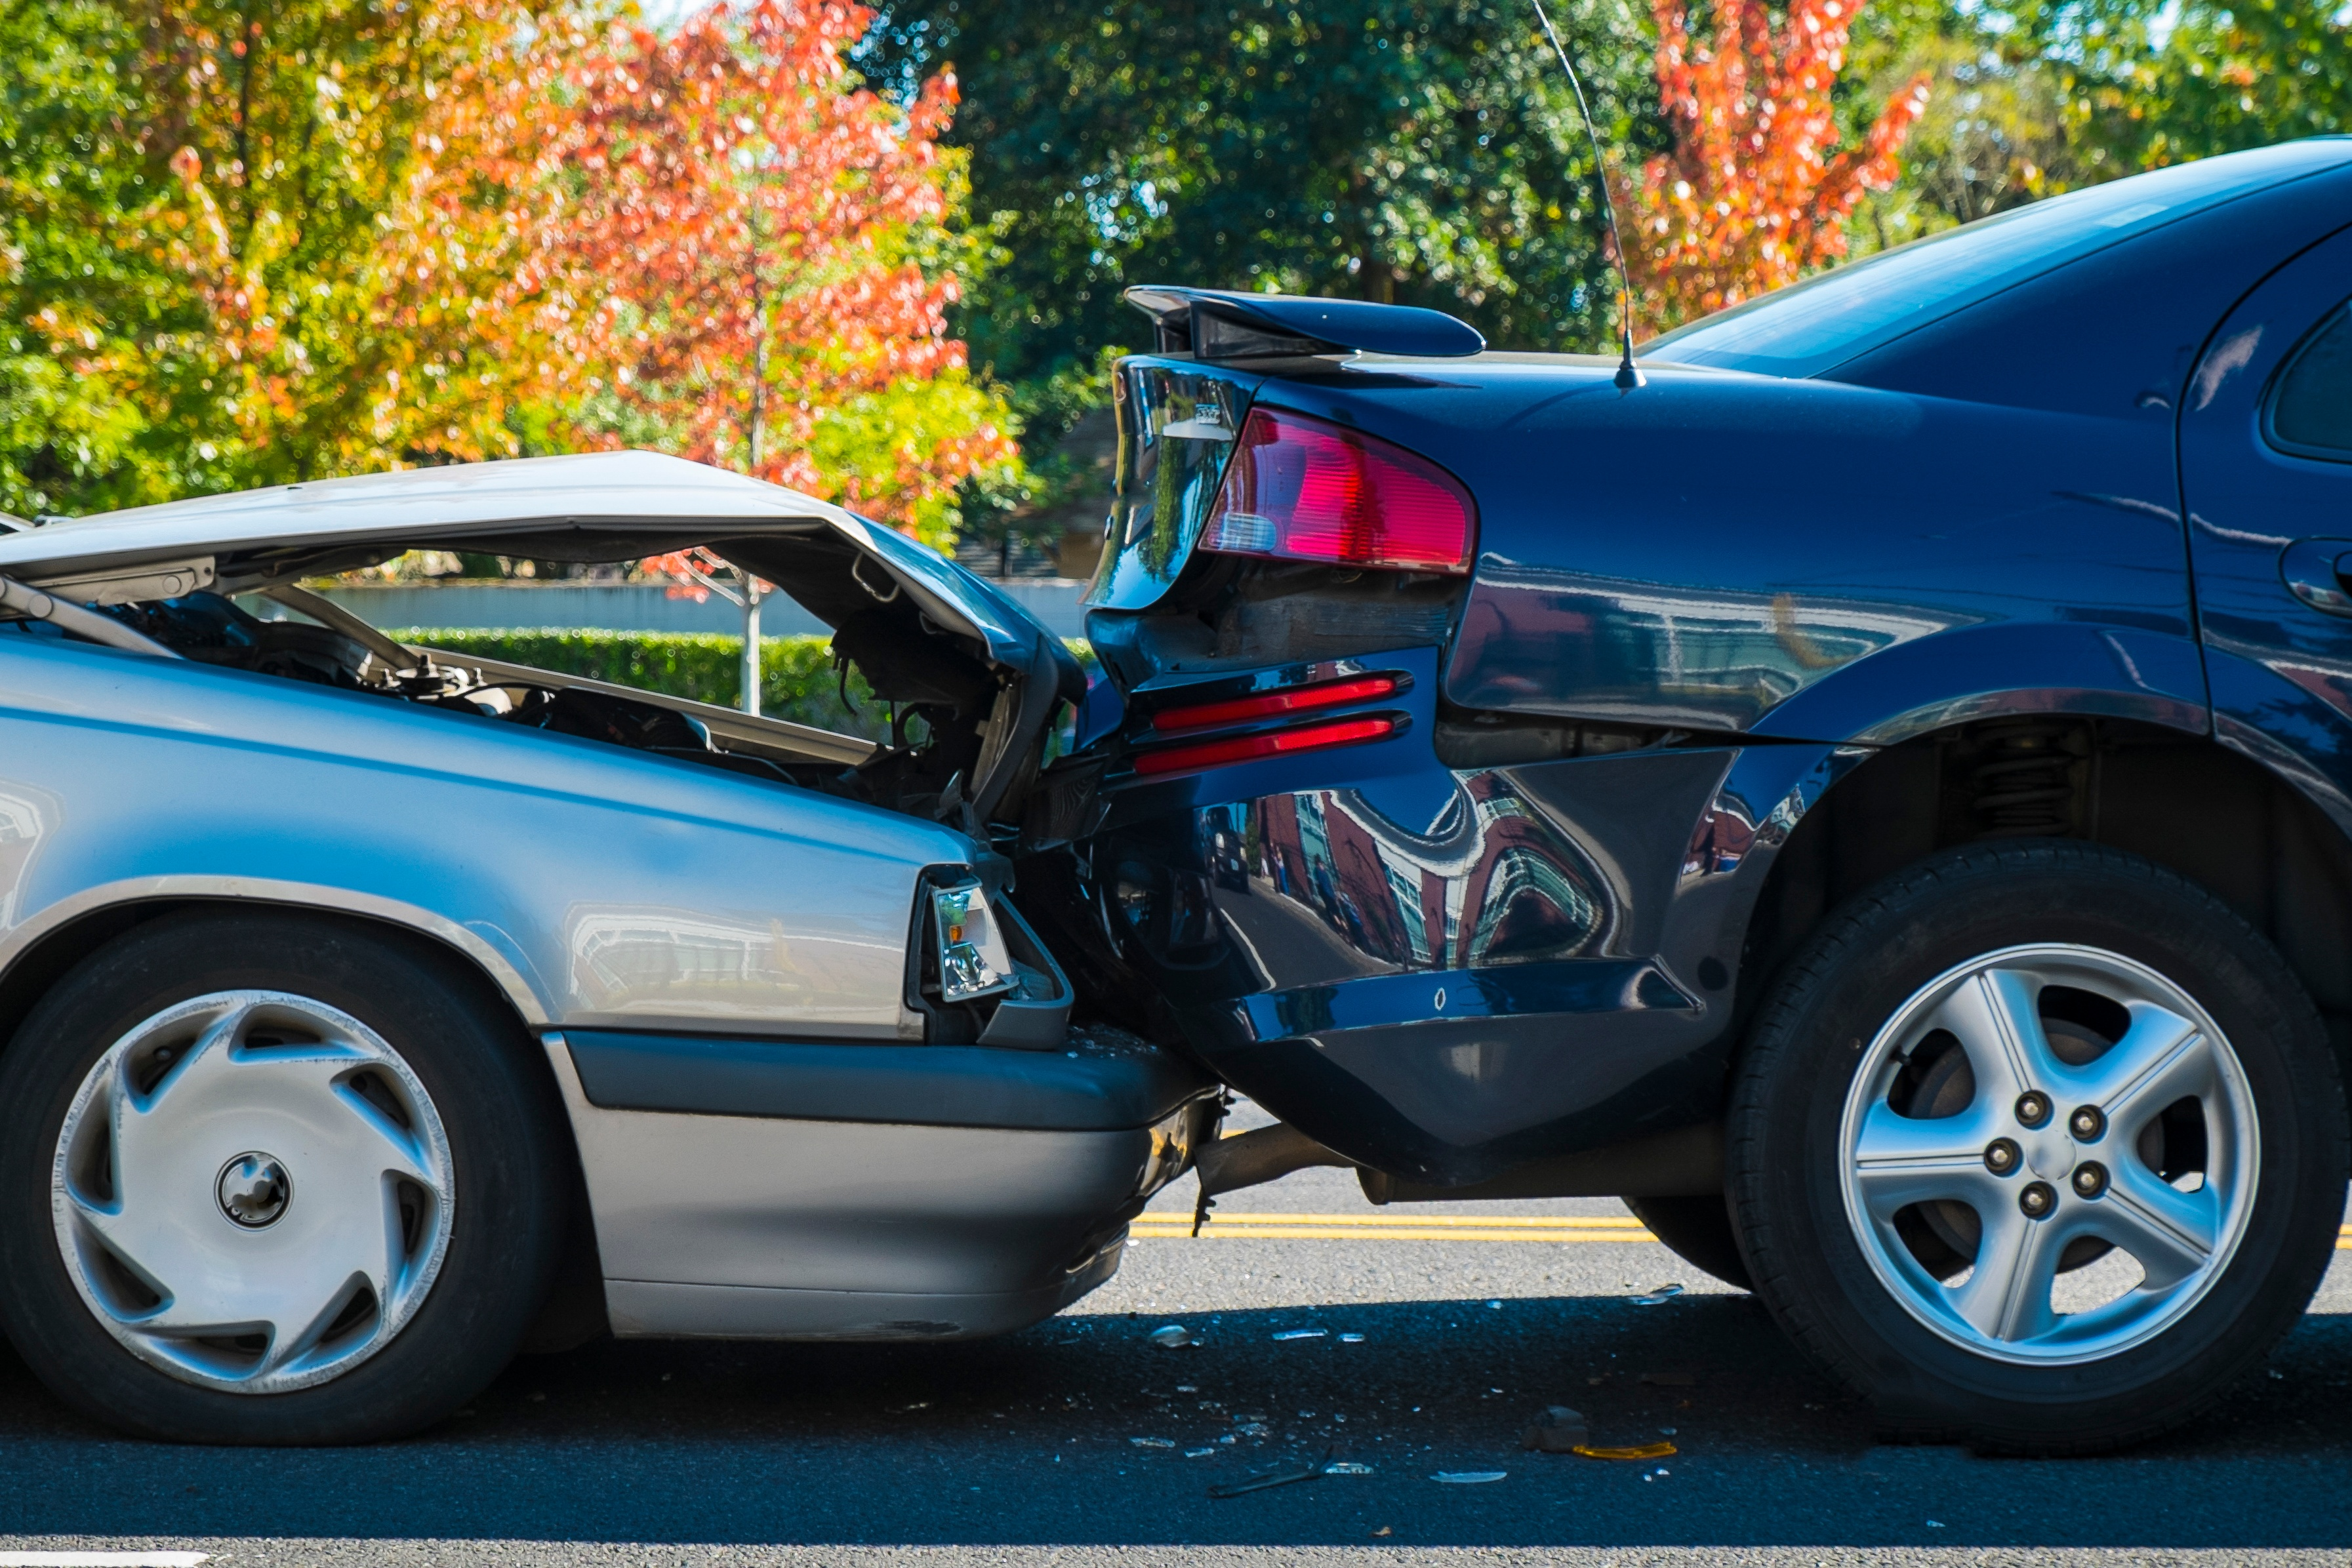 car crashx.jpg